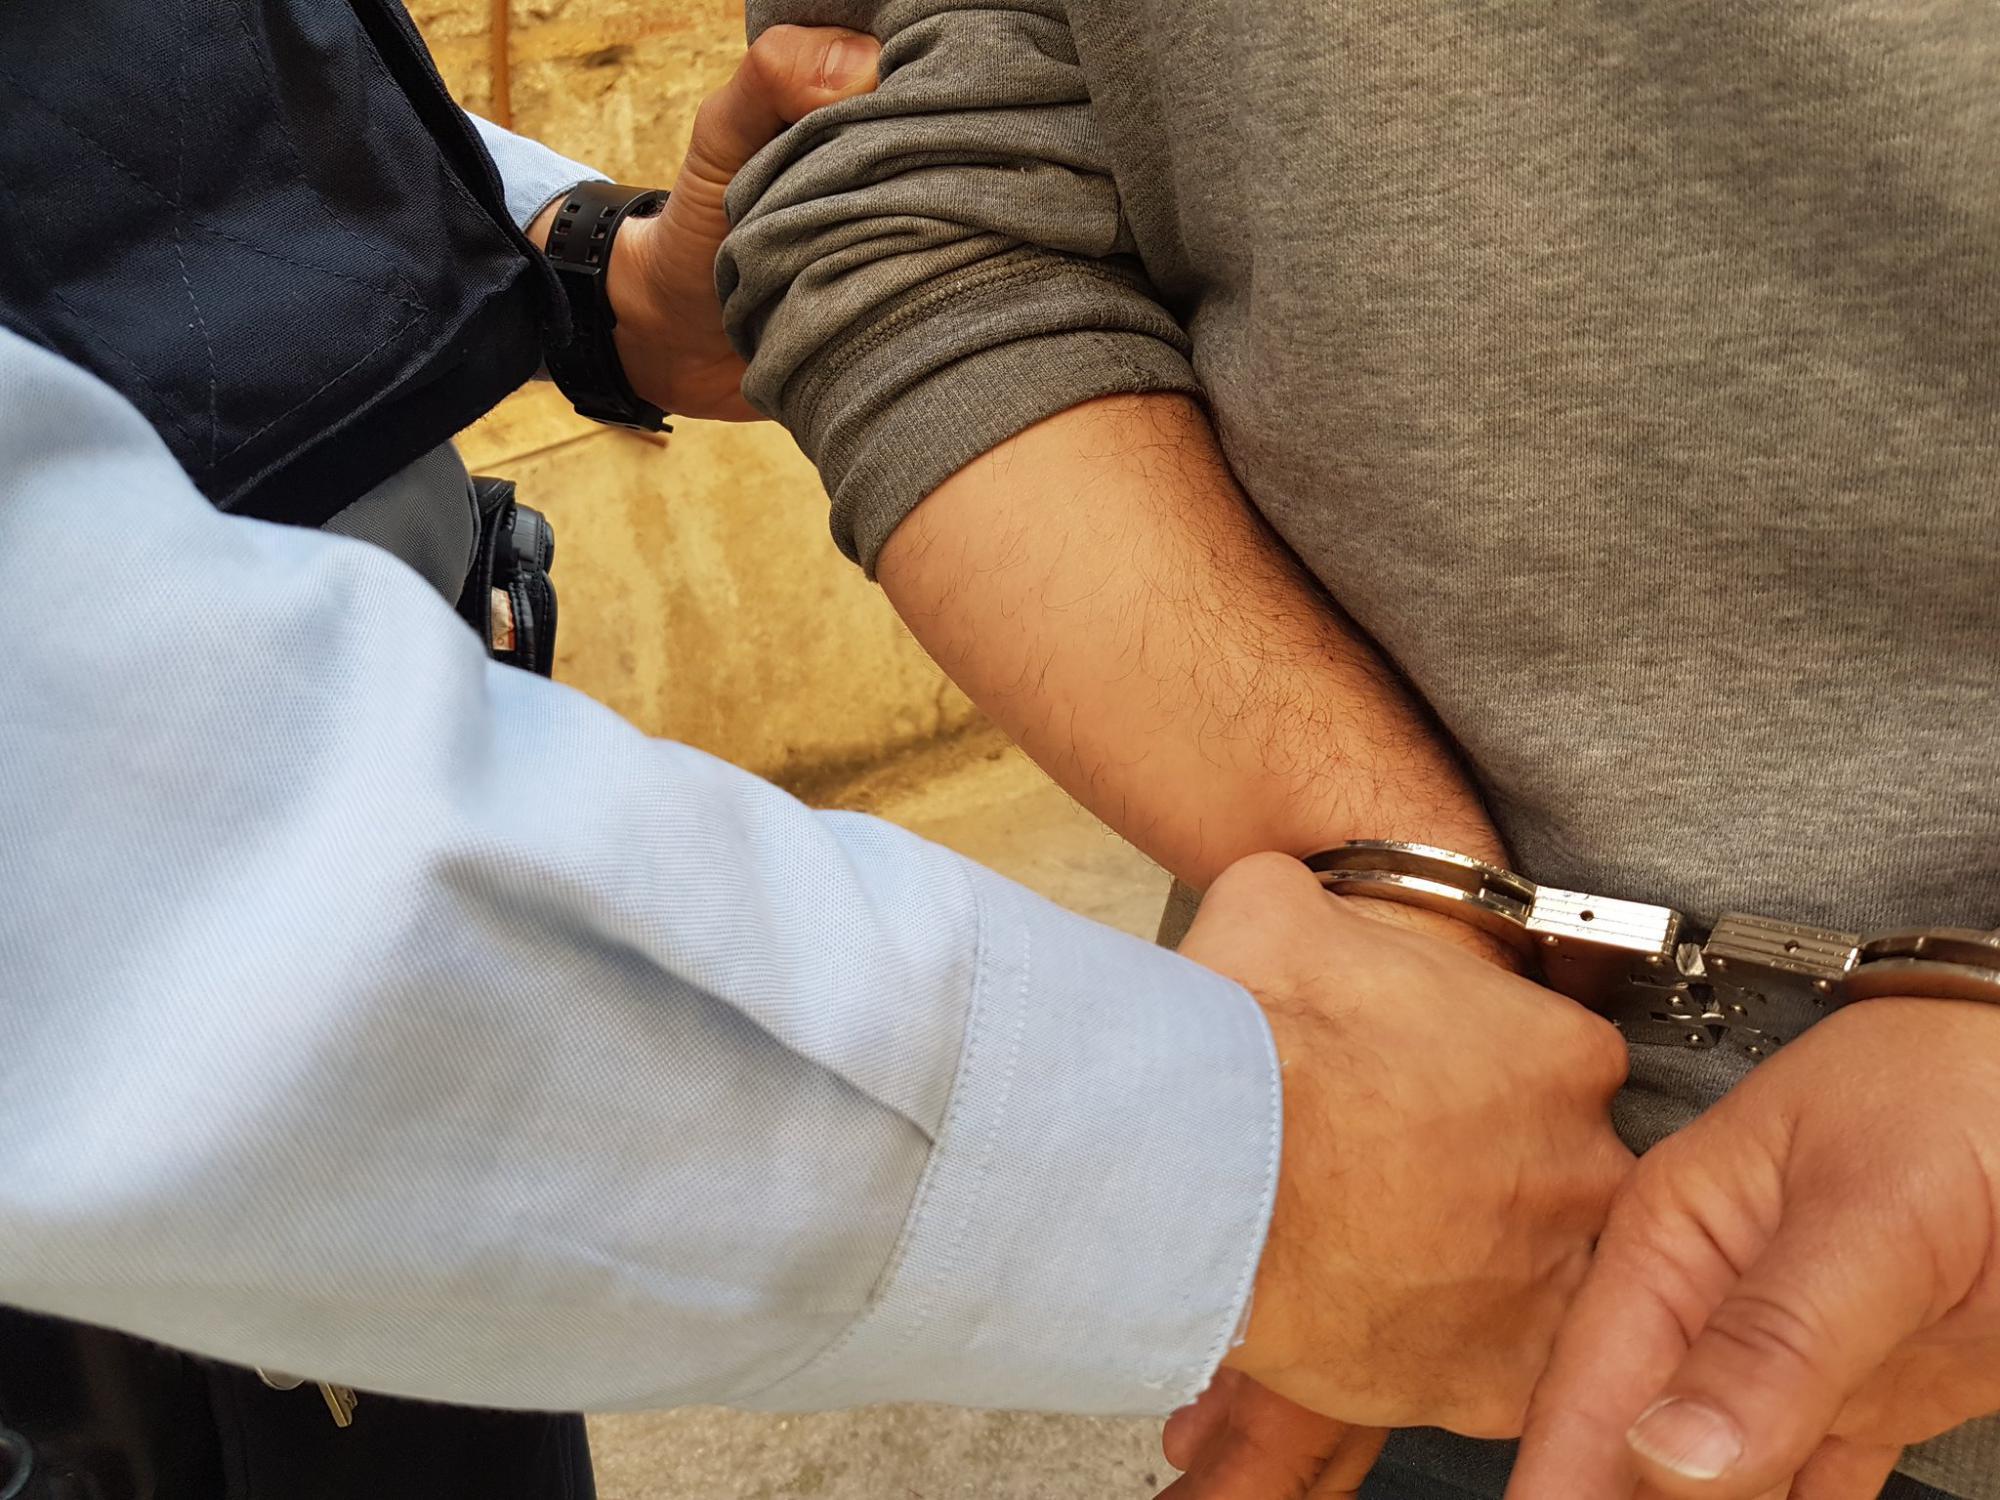 Cuatro detenidos en relación con el atraco a punta de pistola en una joyería del Ànec Blau